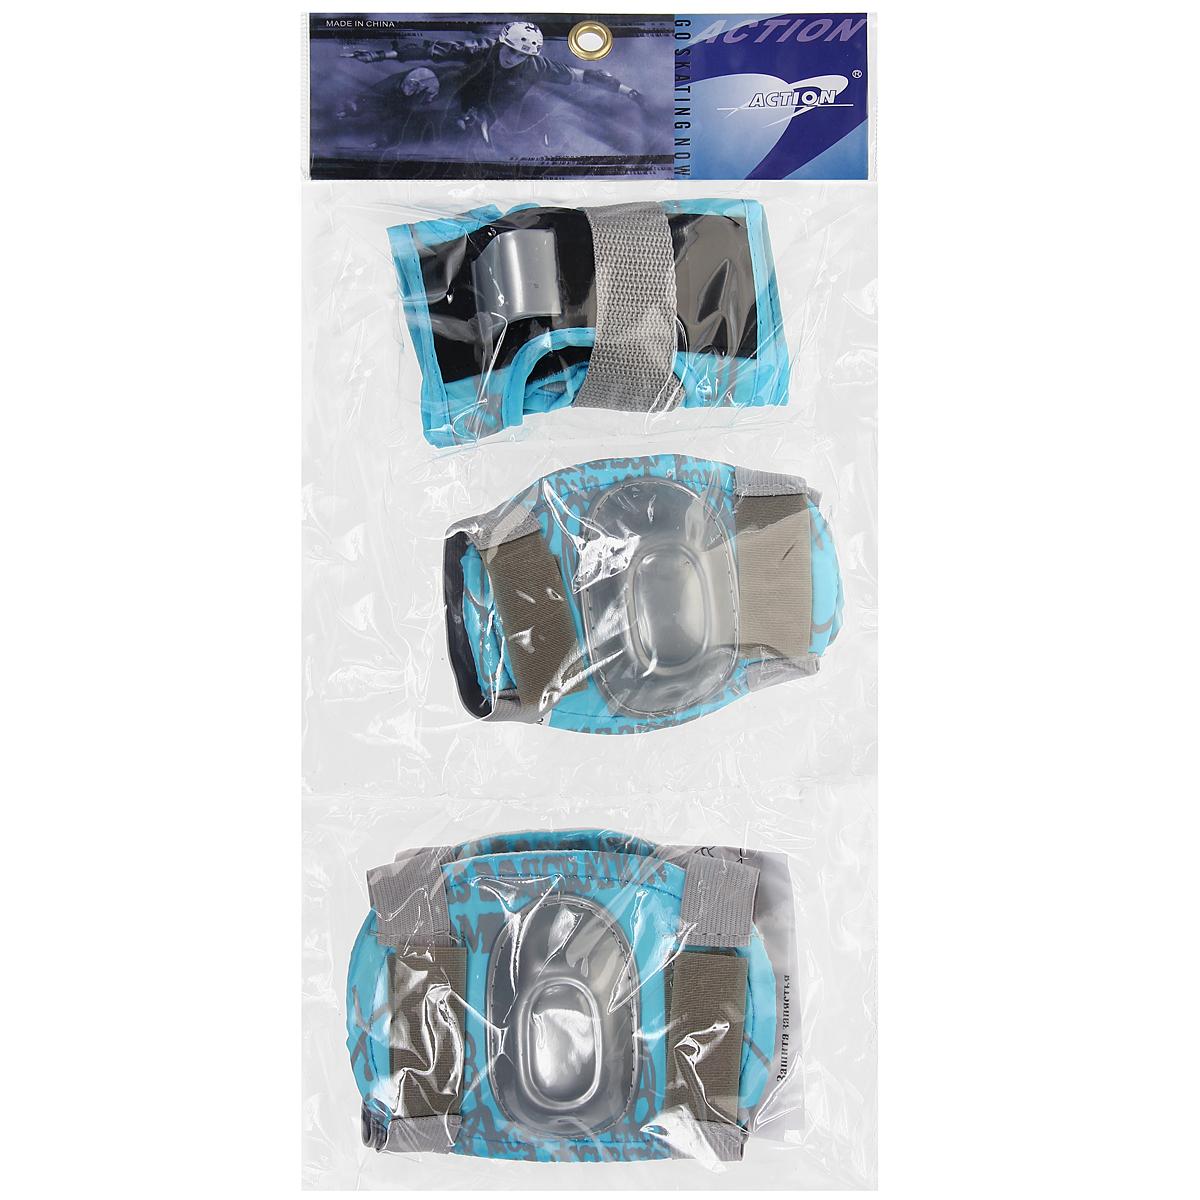 Комплект защиты Action, для катания на роликах, цвет:  голубой, серый.  Размер L Action